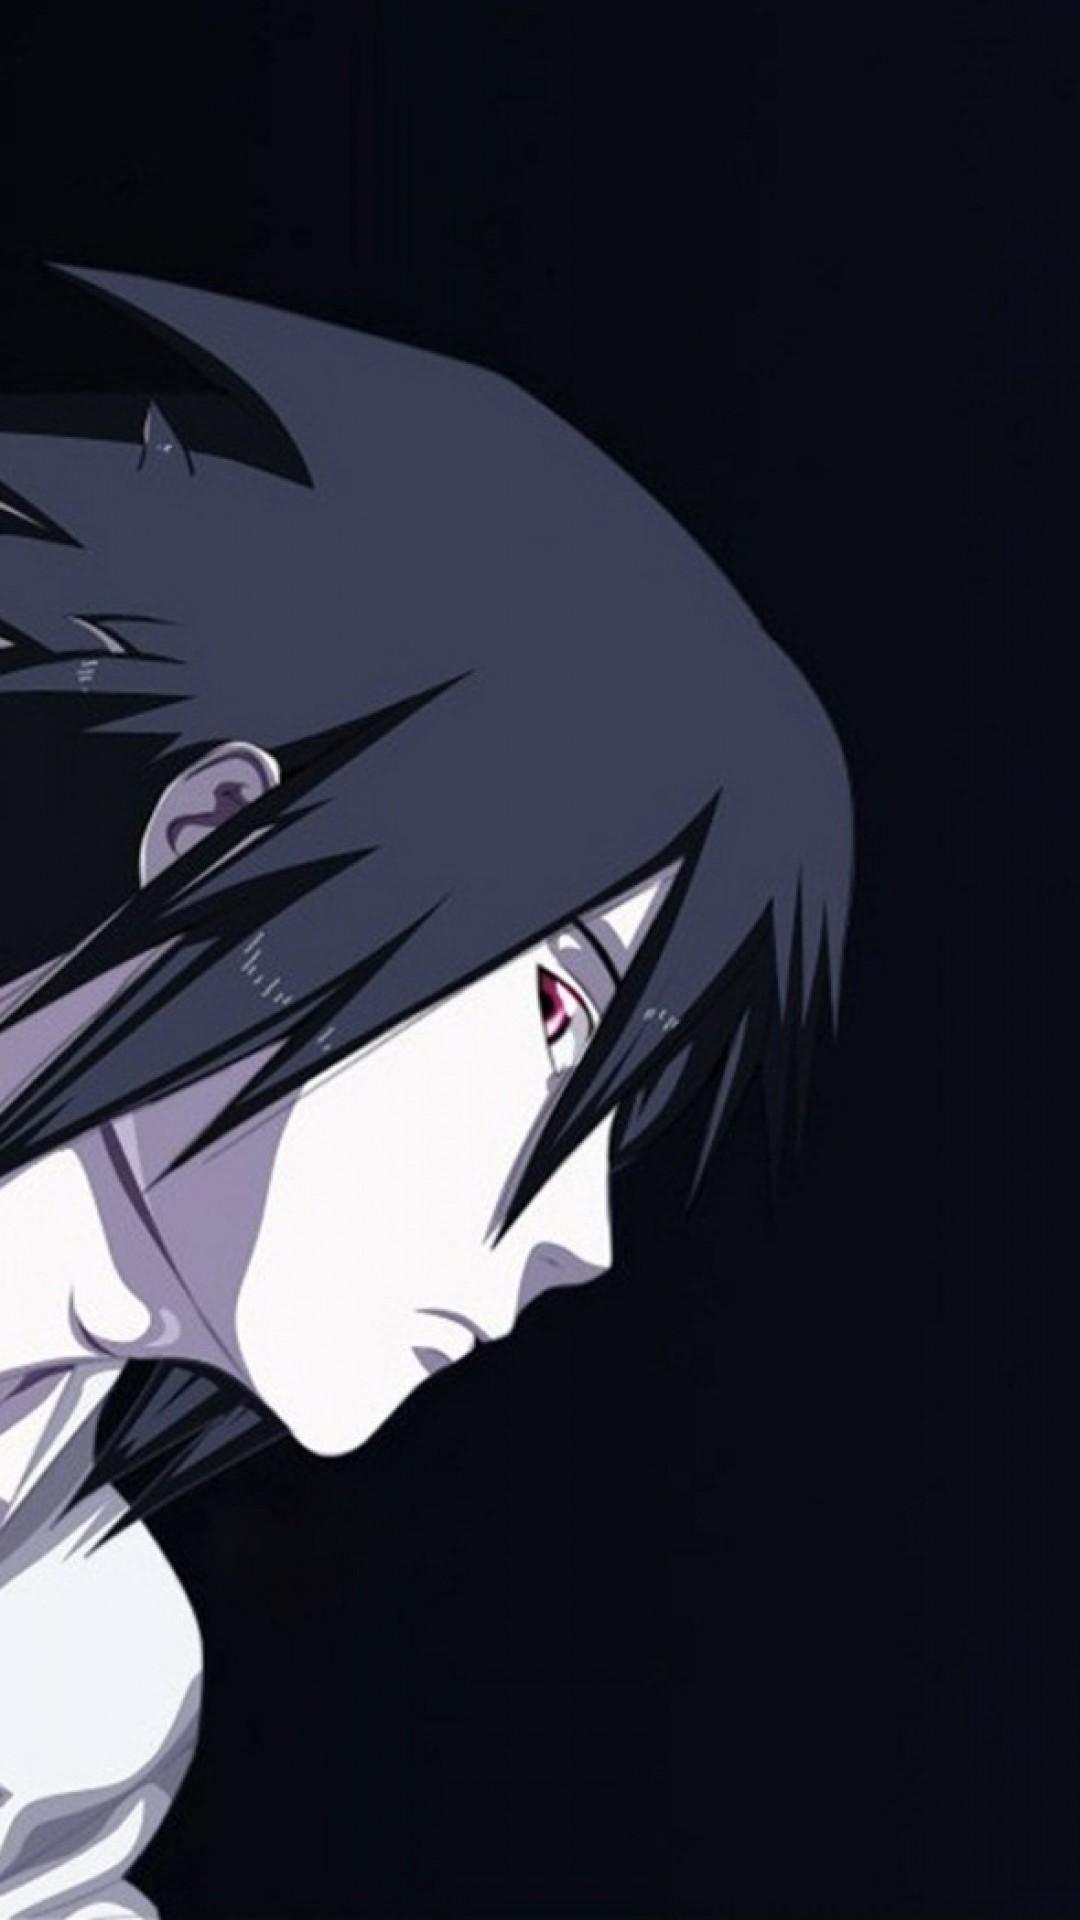 Sasuke Uchiha Wallpaper 60 Images